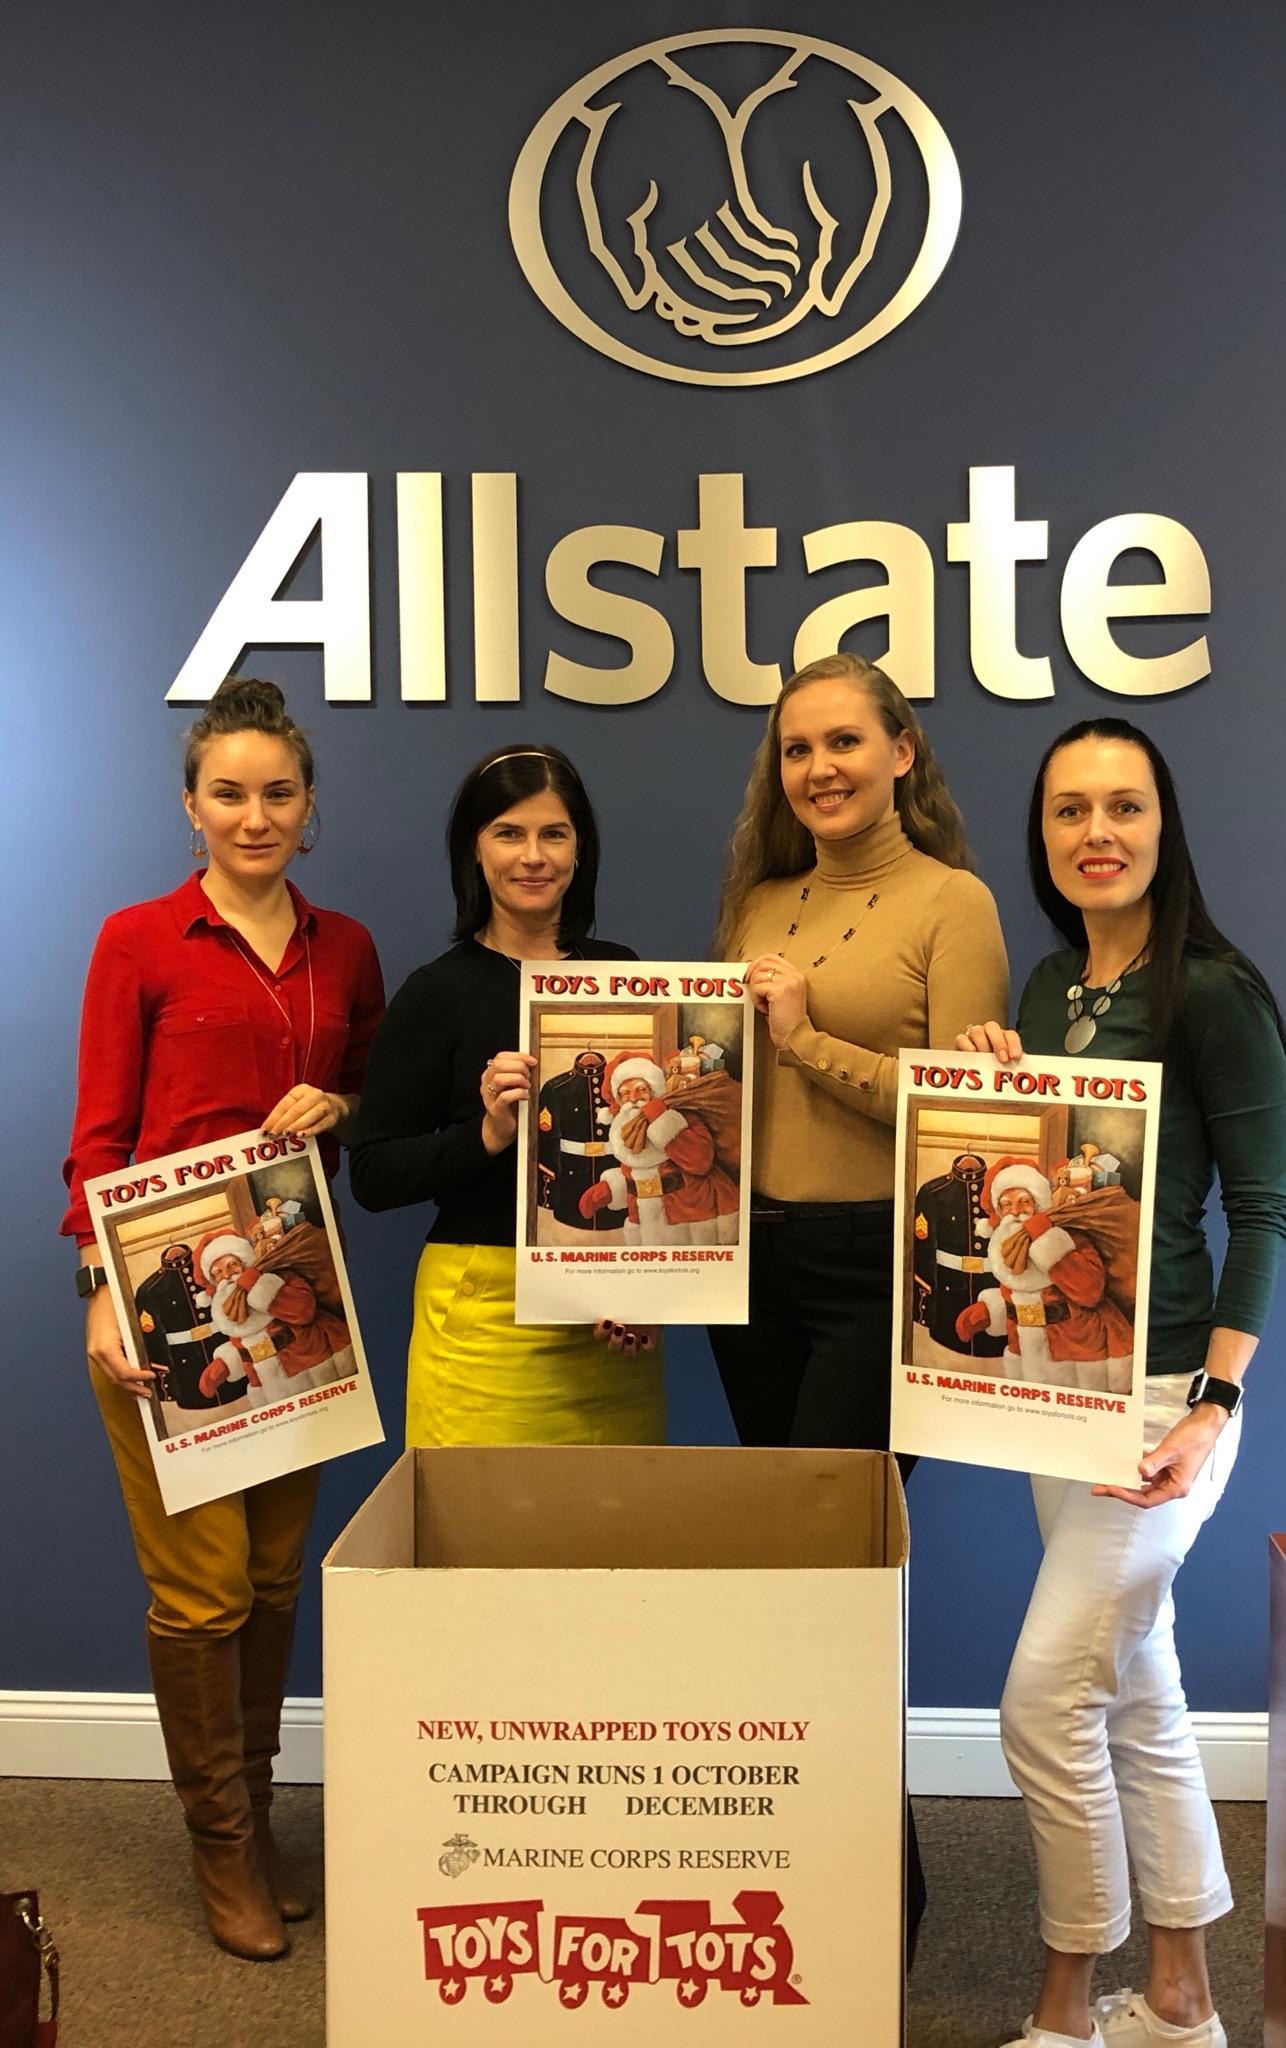 Tatsiana Maroz: Allstate Insurance image 9